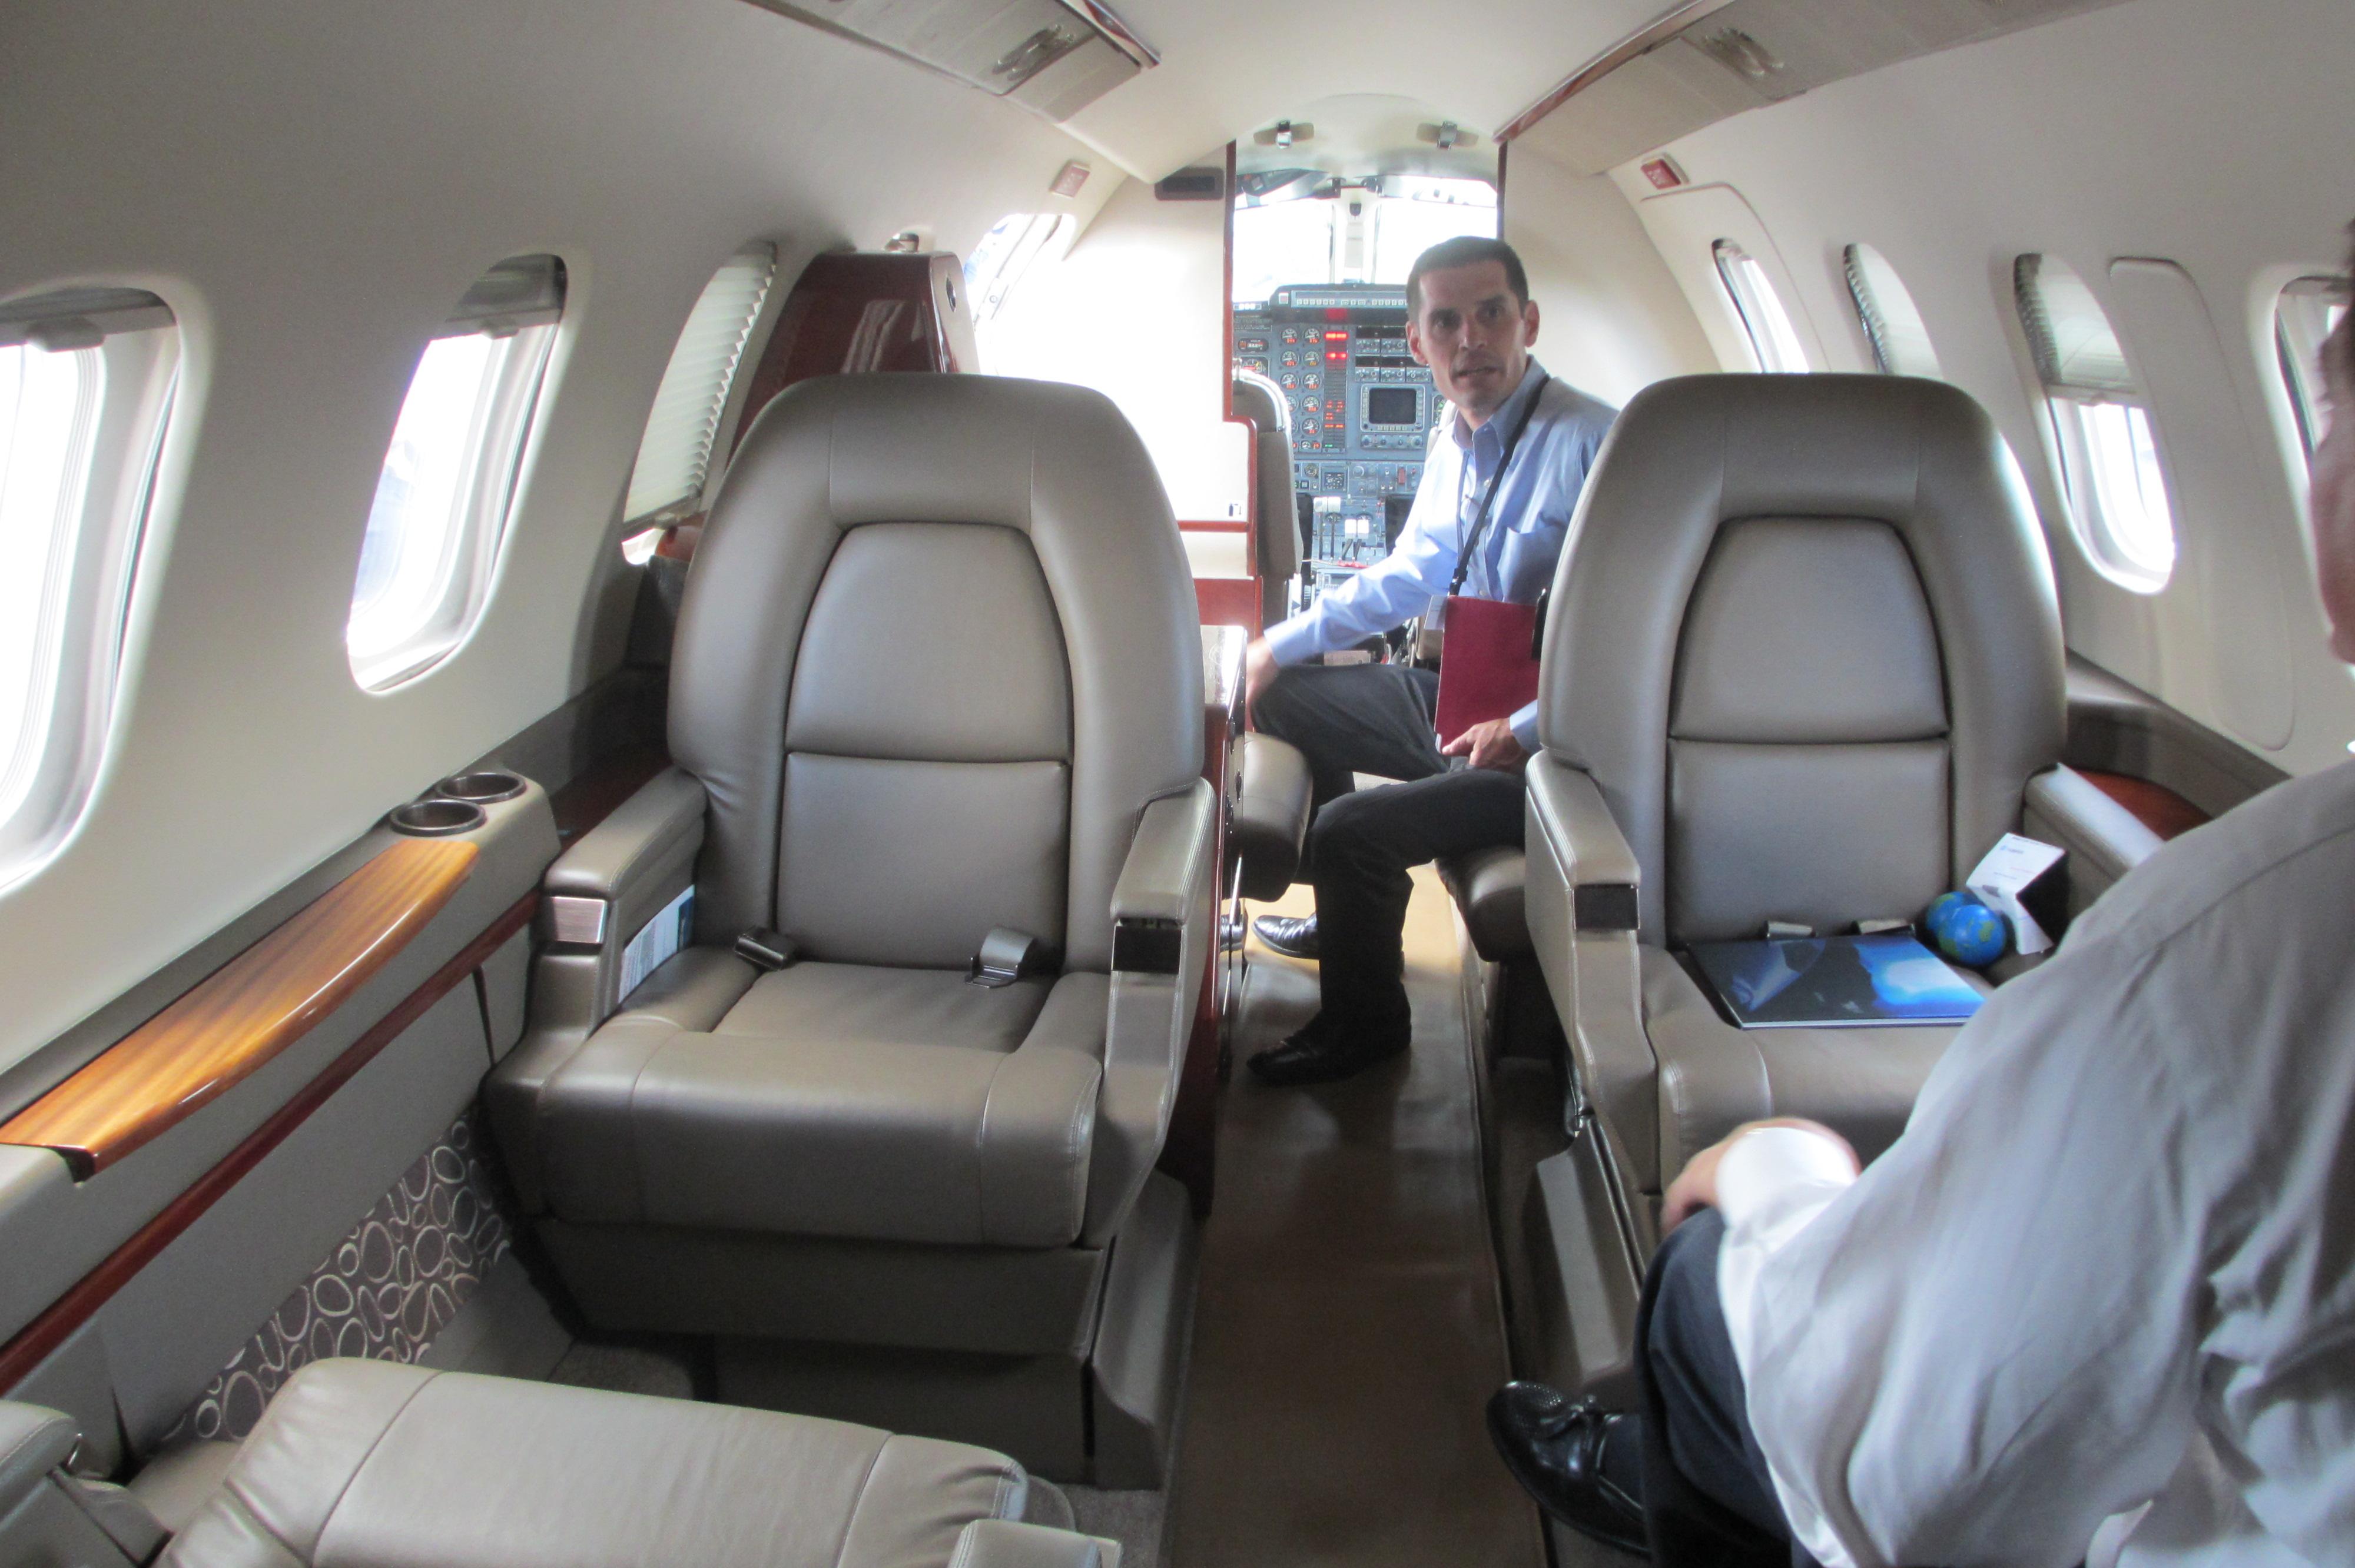 file:piaggio p180 avanti cabin interior facing forward